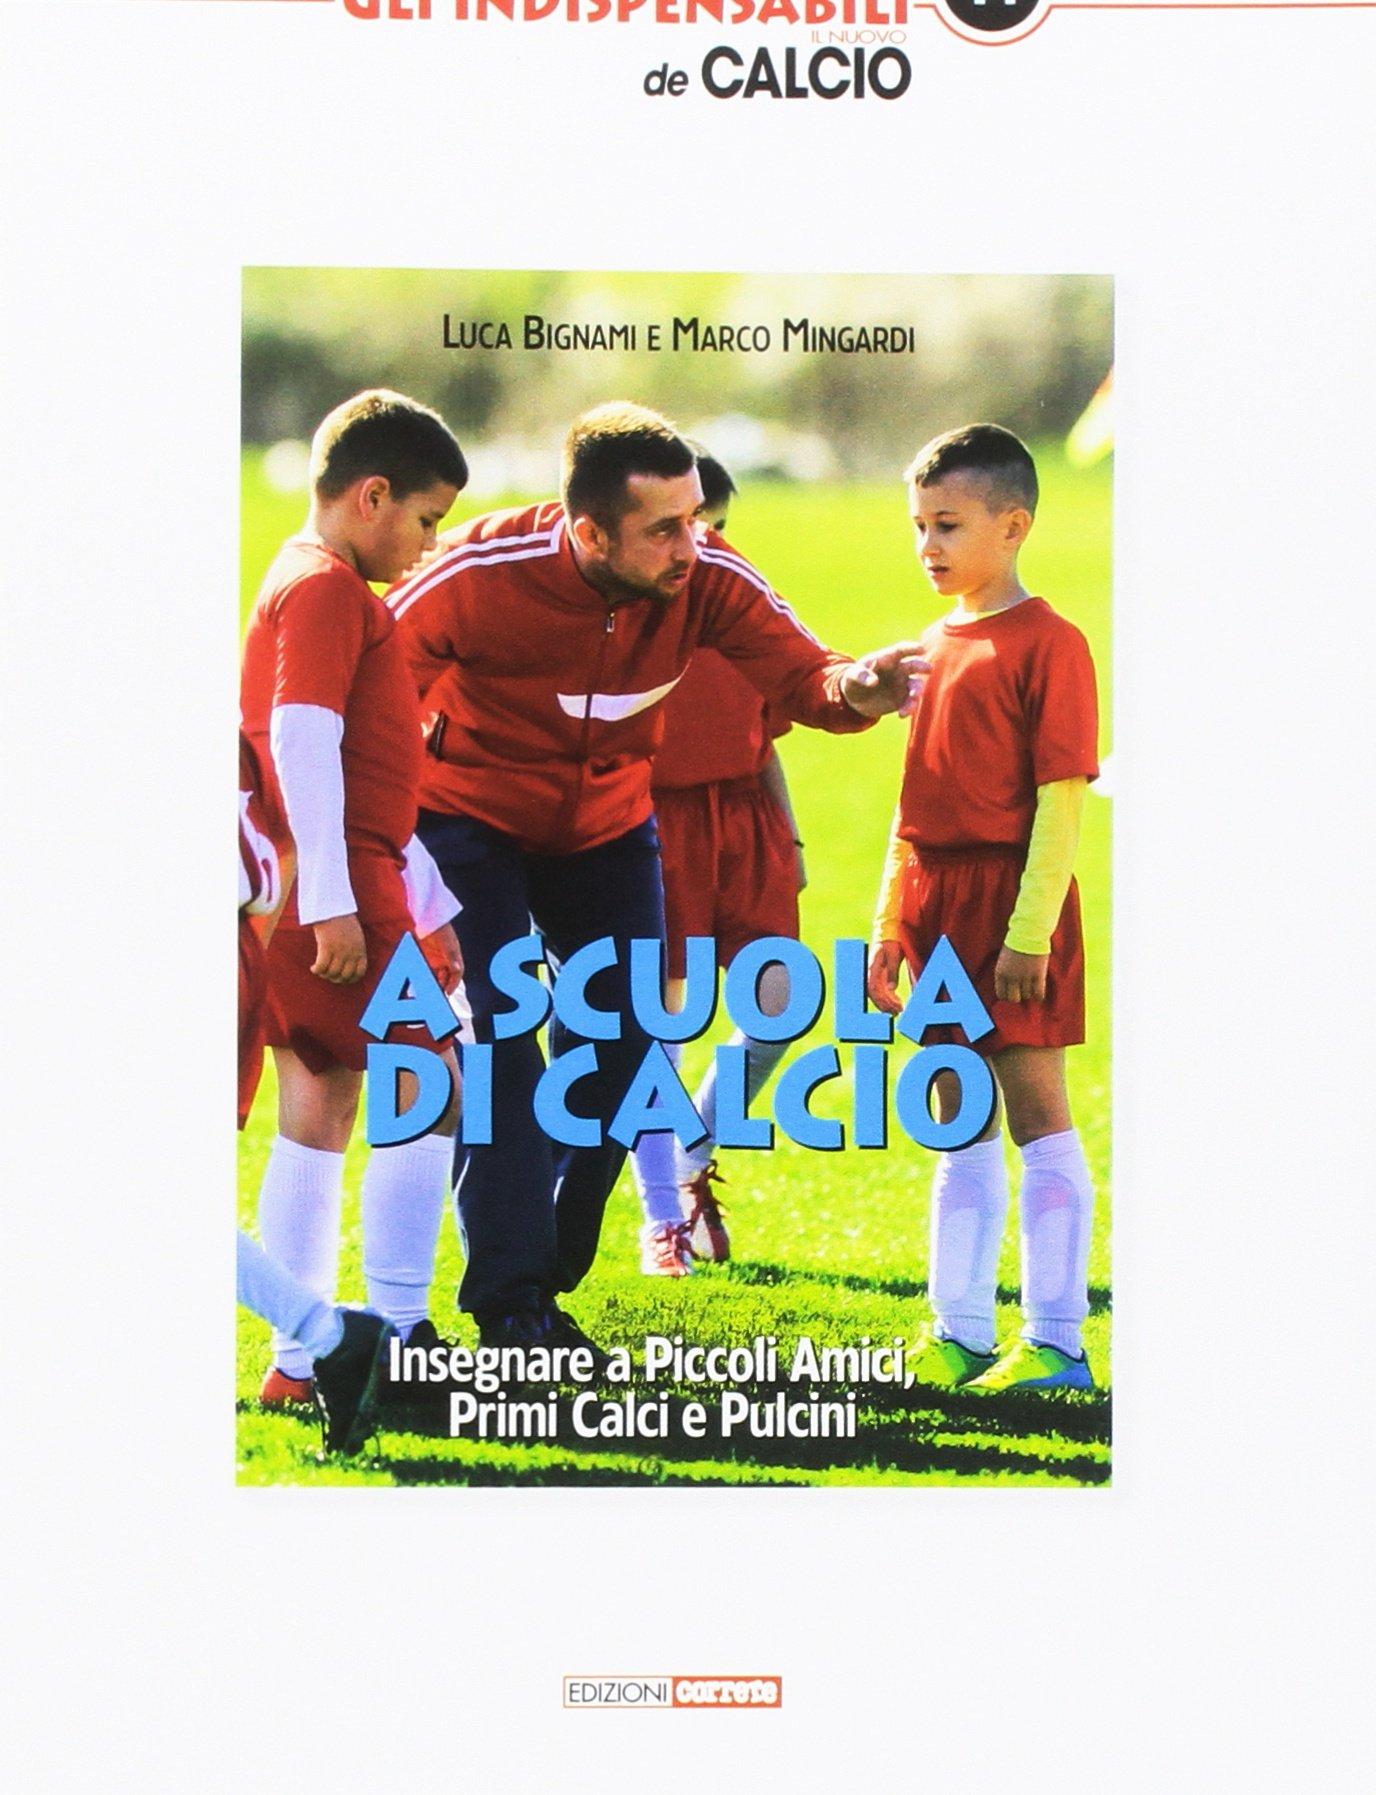 A scuola di calcio. Insegnare a Piccoli Amici, Primi Calci e Pulcini Copertina flessibile – 13 dic 2017 Luca Bignami Marco Mingardi Correre 8898889720